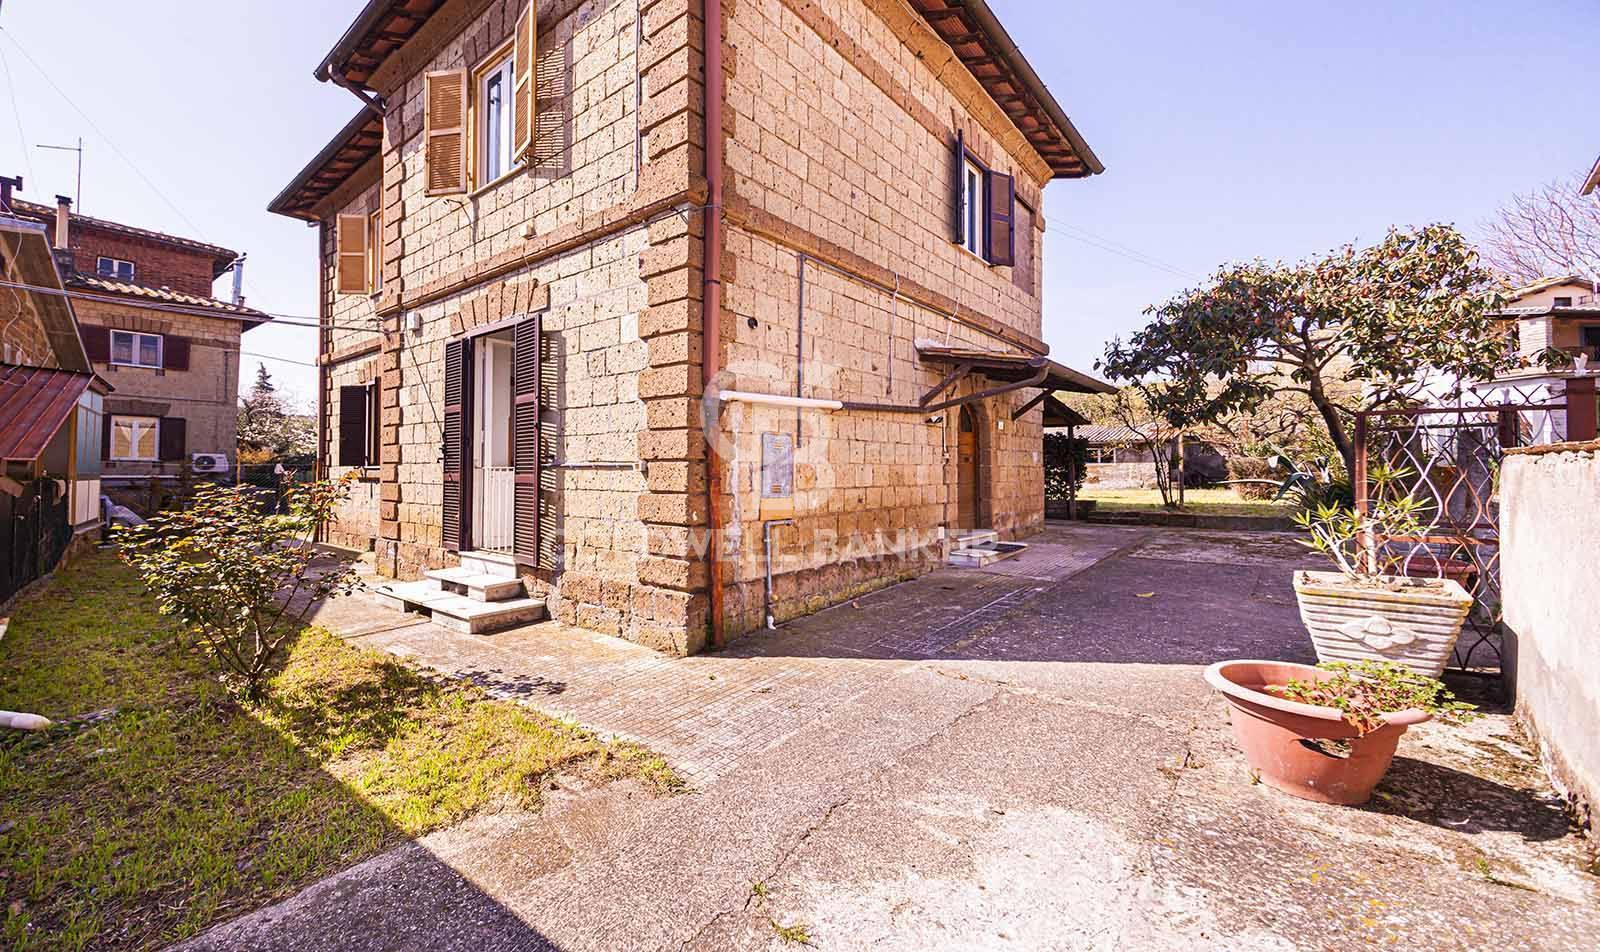 Villa in vendita a Carbognano, 5 locali, zona Località: centro, prezzo € 119.000   CambioCasa.it